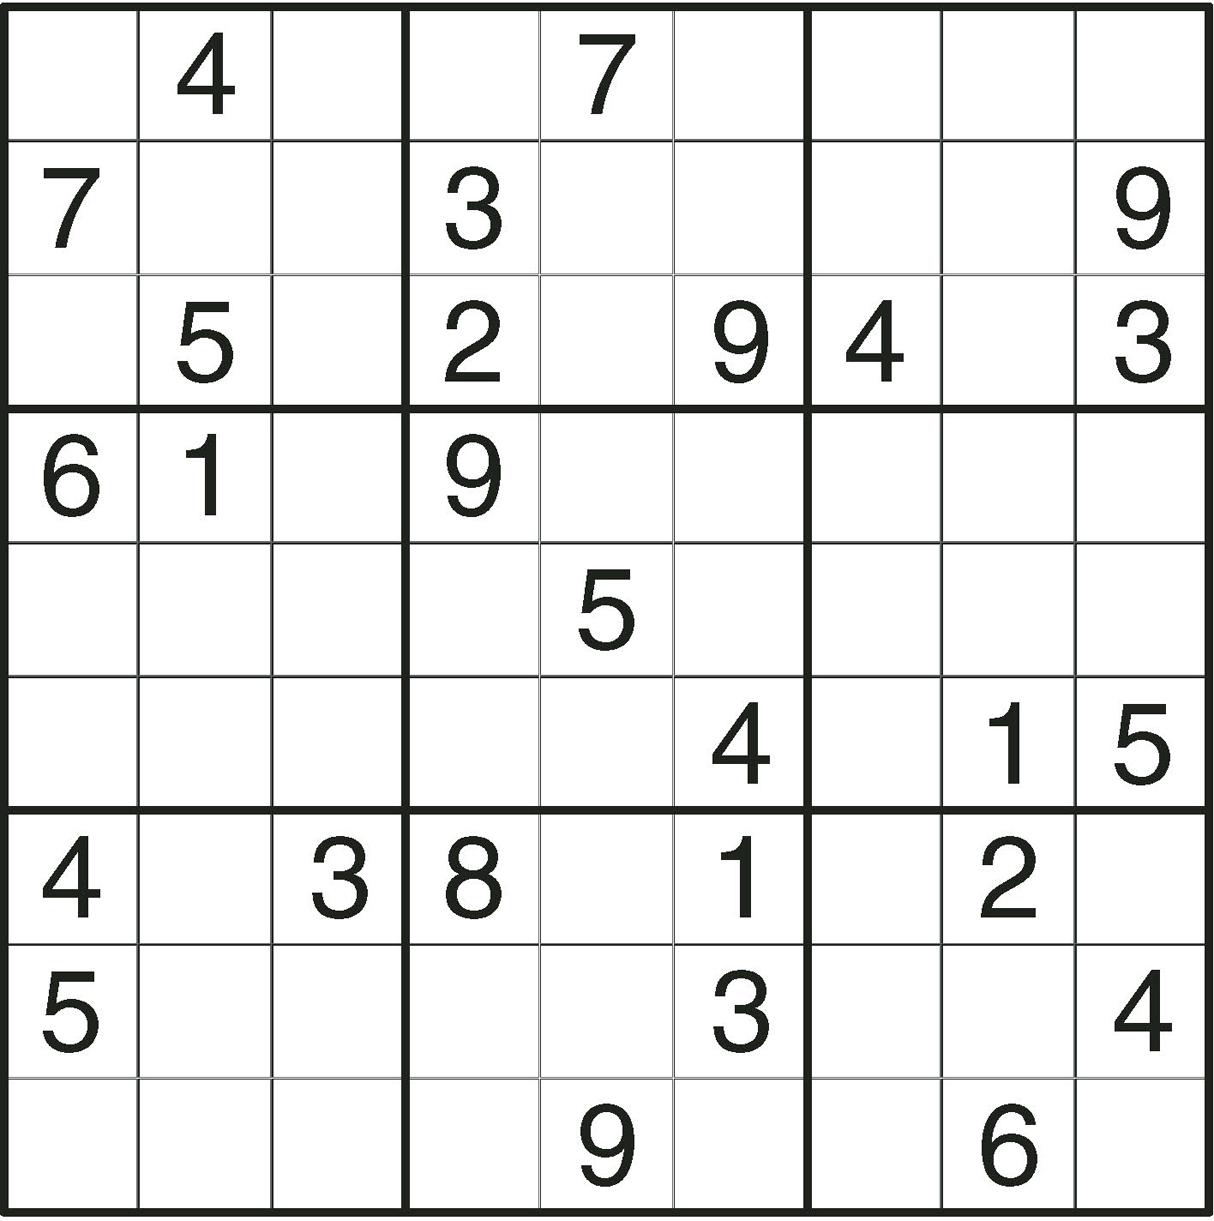 Comment Jouer Au Sudoku En Ligne destiné Comment Jouer Sudoku